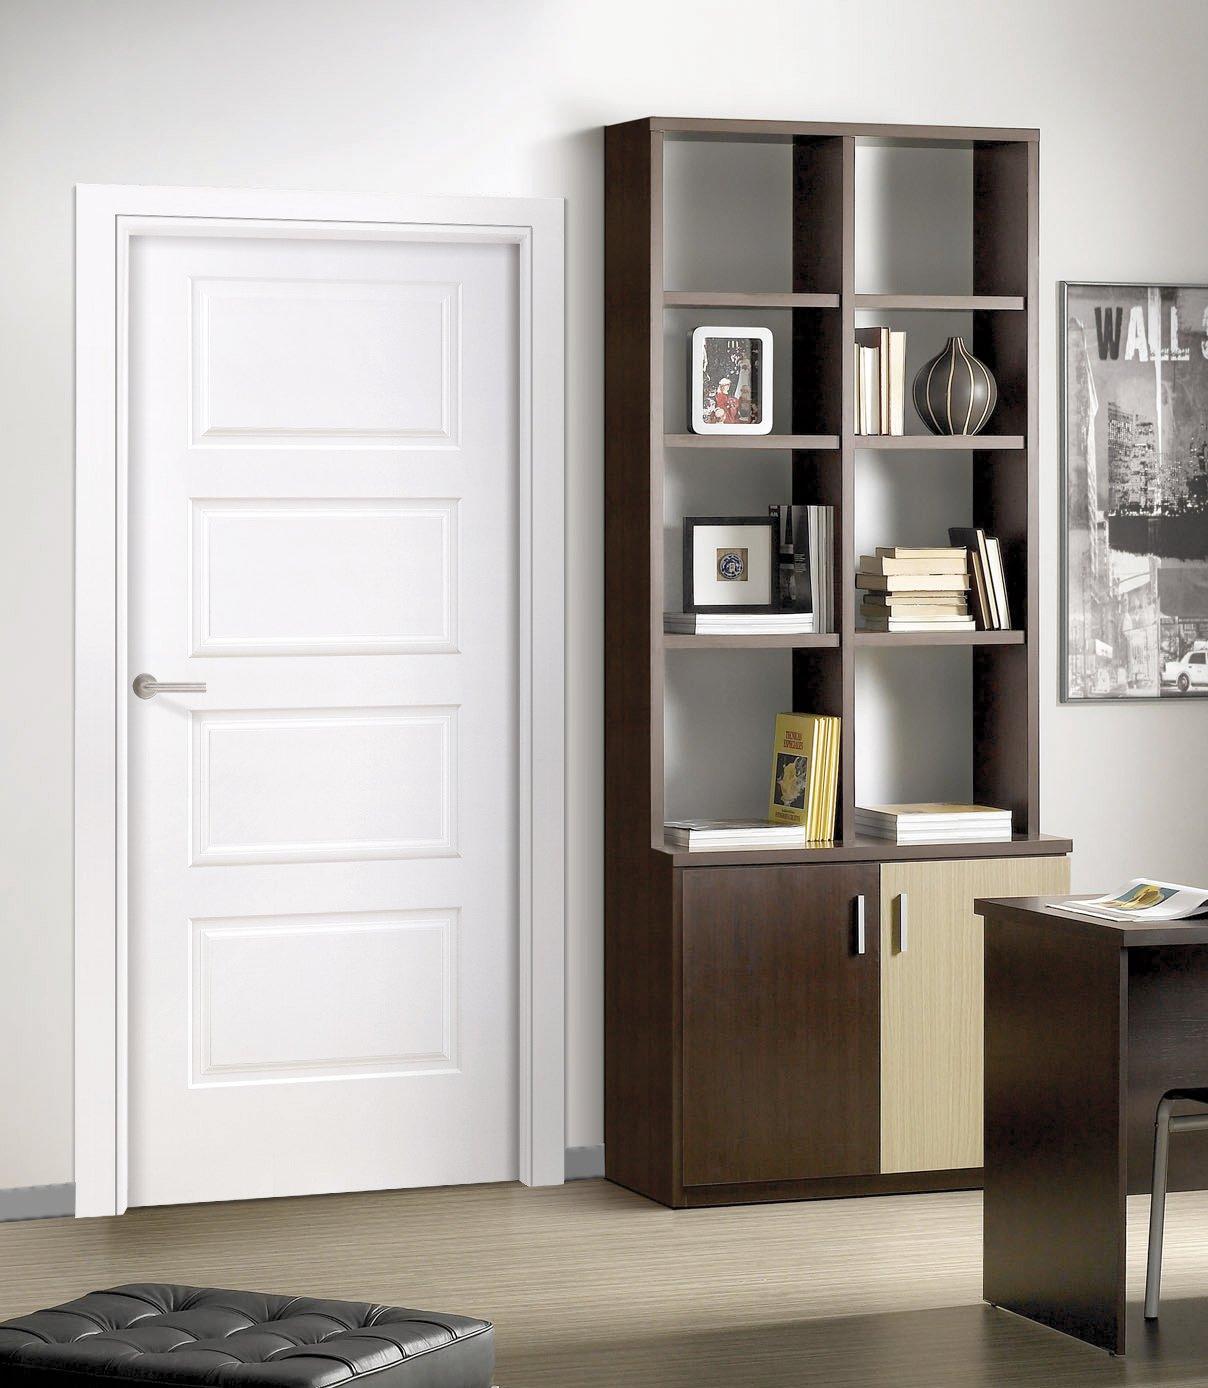 Puertas lacadas en blanco trendy puertas lacadas en - Puertas de interior lacadas en blanco precios ...